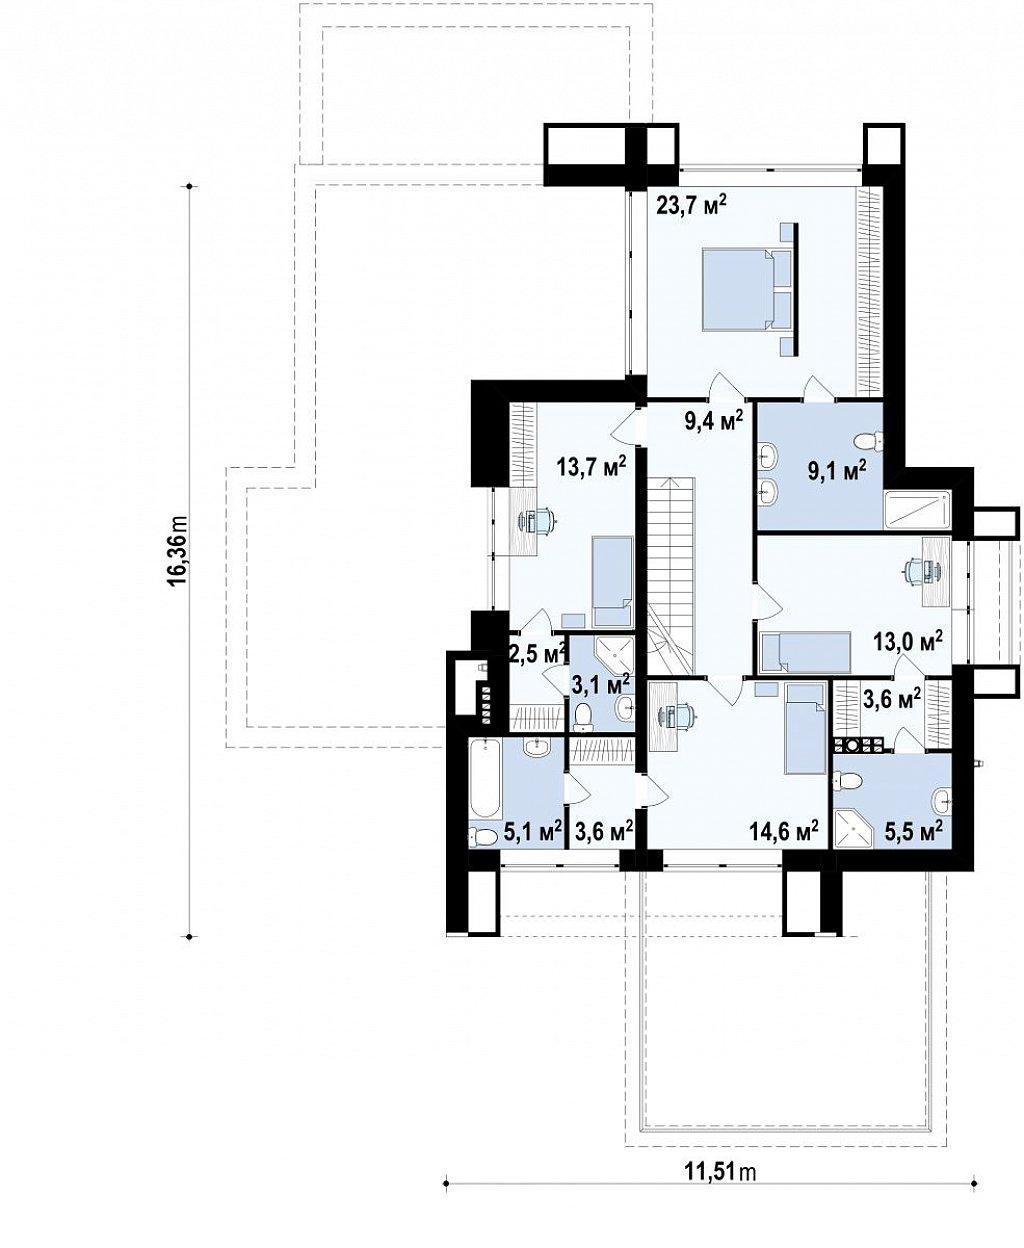 Просторный коттедж с цокольным этажом, подойдет для участка со склоном план помещений 2